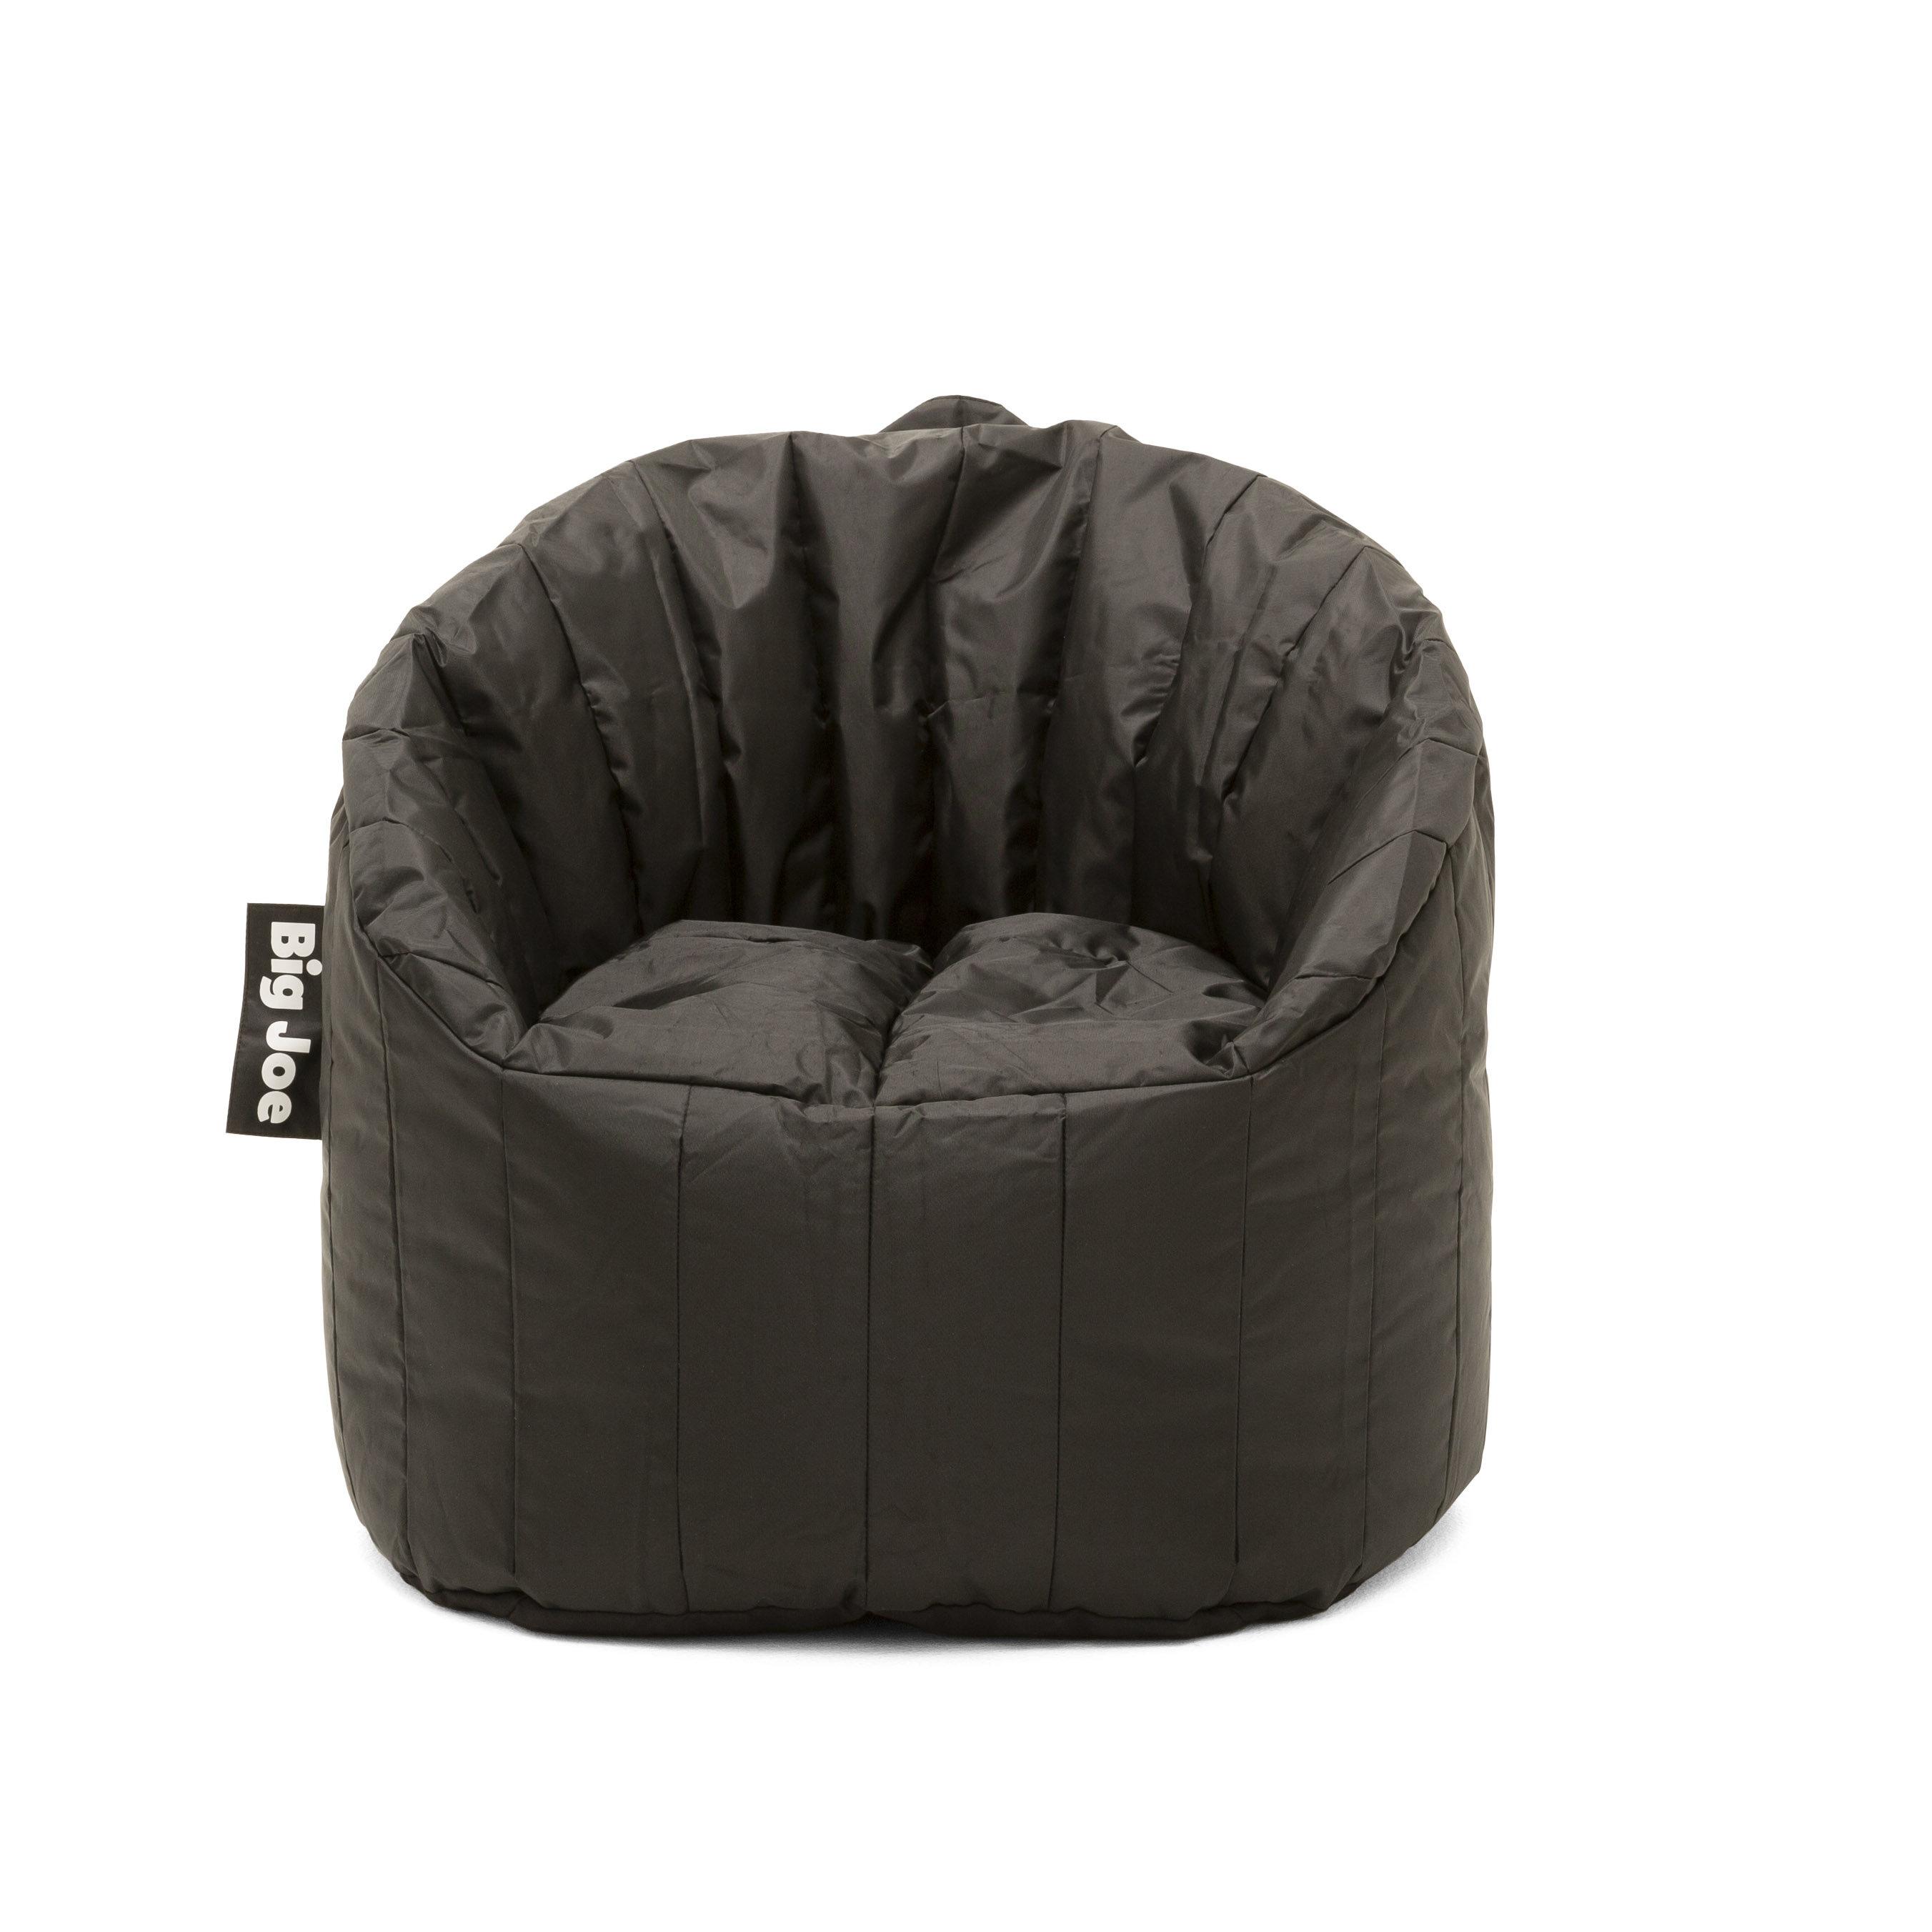 Swell Comfort Research Big Joe Lumin Bean Bag Chair Reviews Gamerscity Chair Design For Home Gamerscityorg